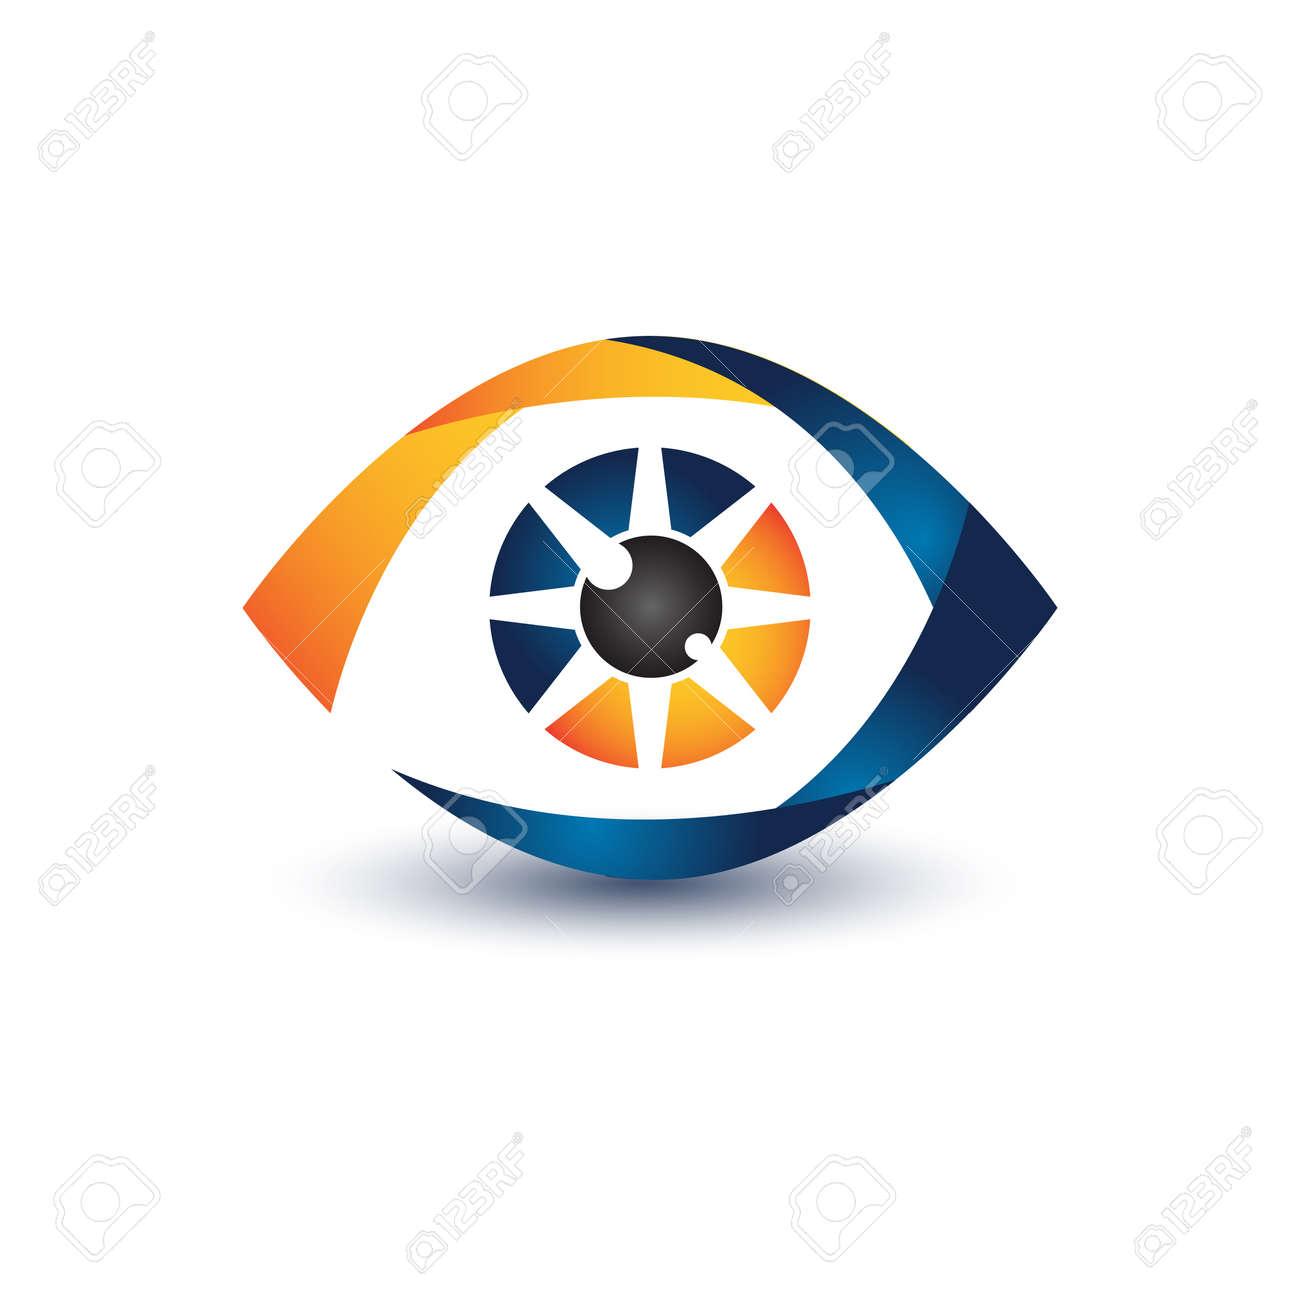 Illustration design eye symbol for your best business symbol. Vector illustration - 155135275